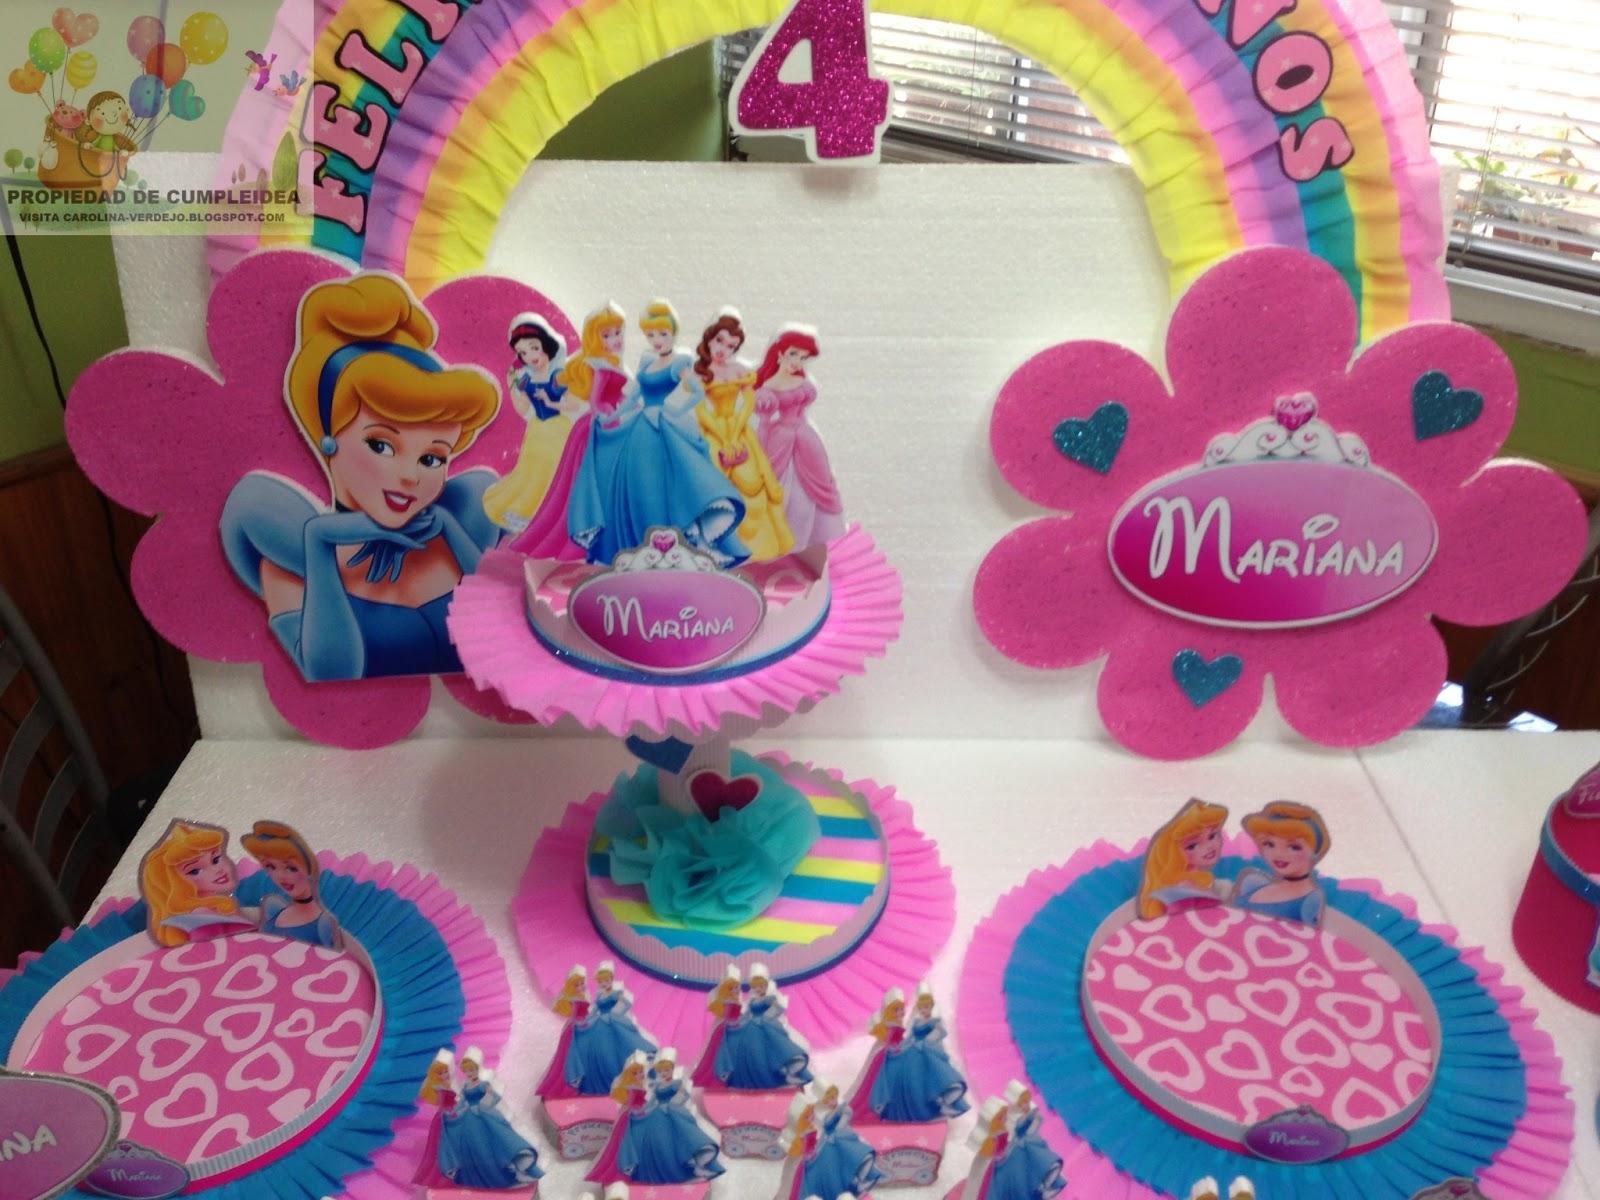 Decoraci n de cumplea os de las princesas infantiles imagui for Decoracion cumpleanos princesas